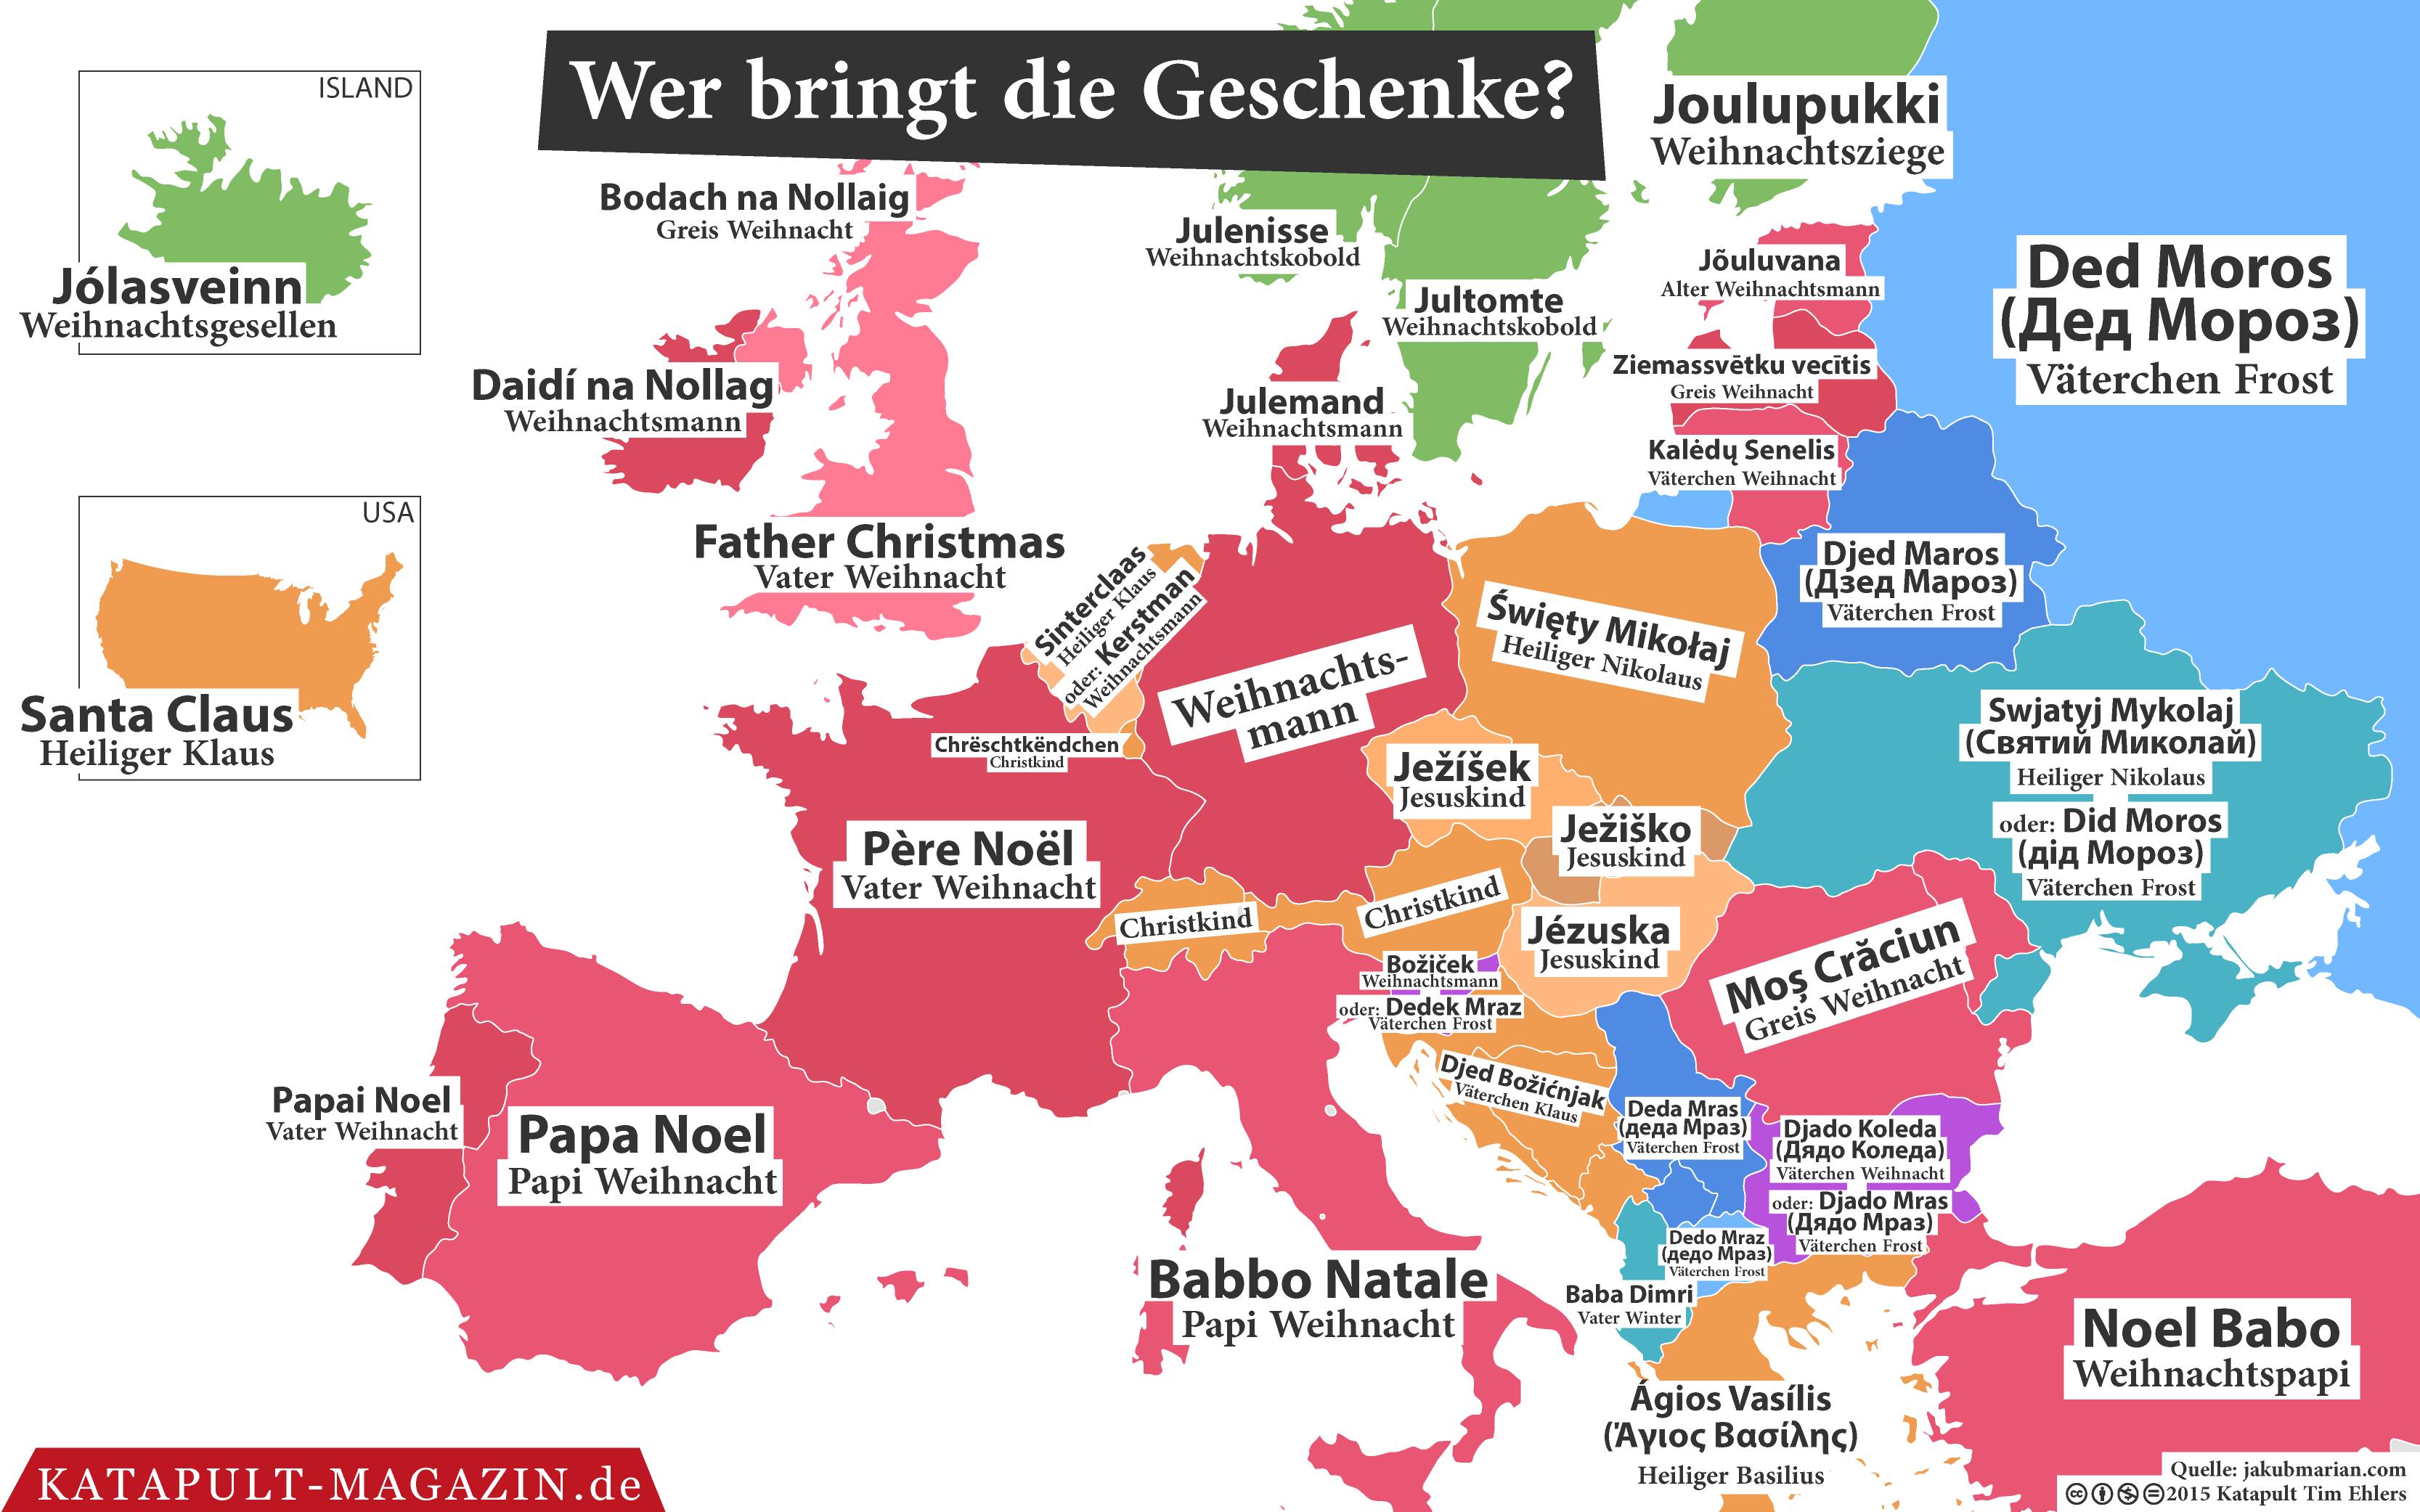 br uche in europa wer bringt die geschenke in deutschland. Black Bedroom Furniture Sets. Home Design Ideas